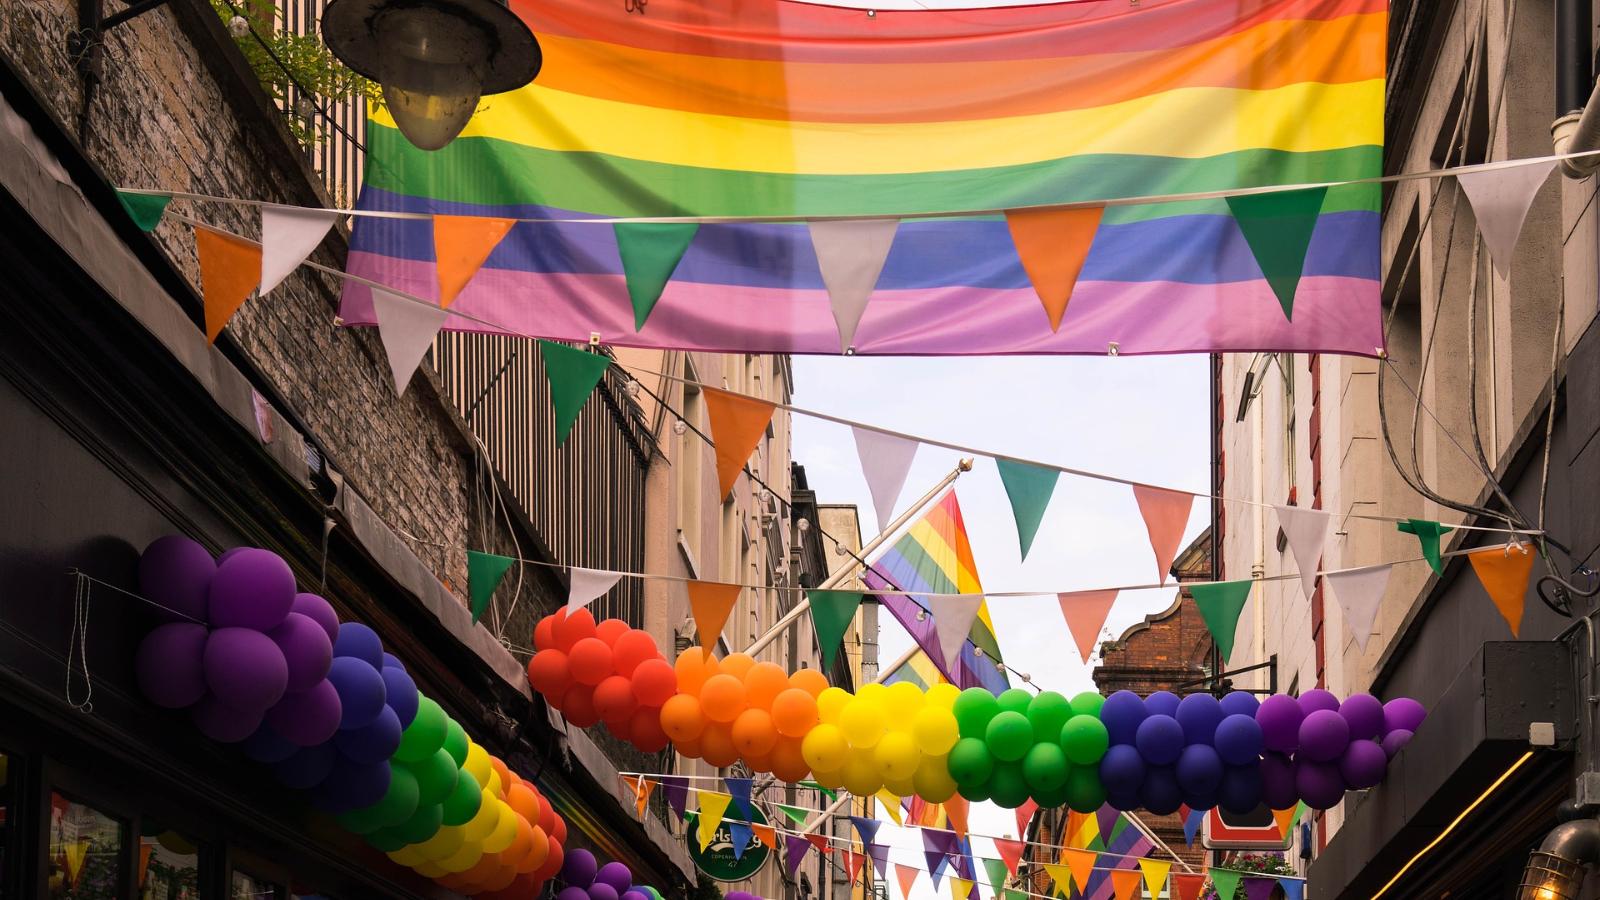 Regenbogenstraße